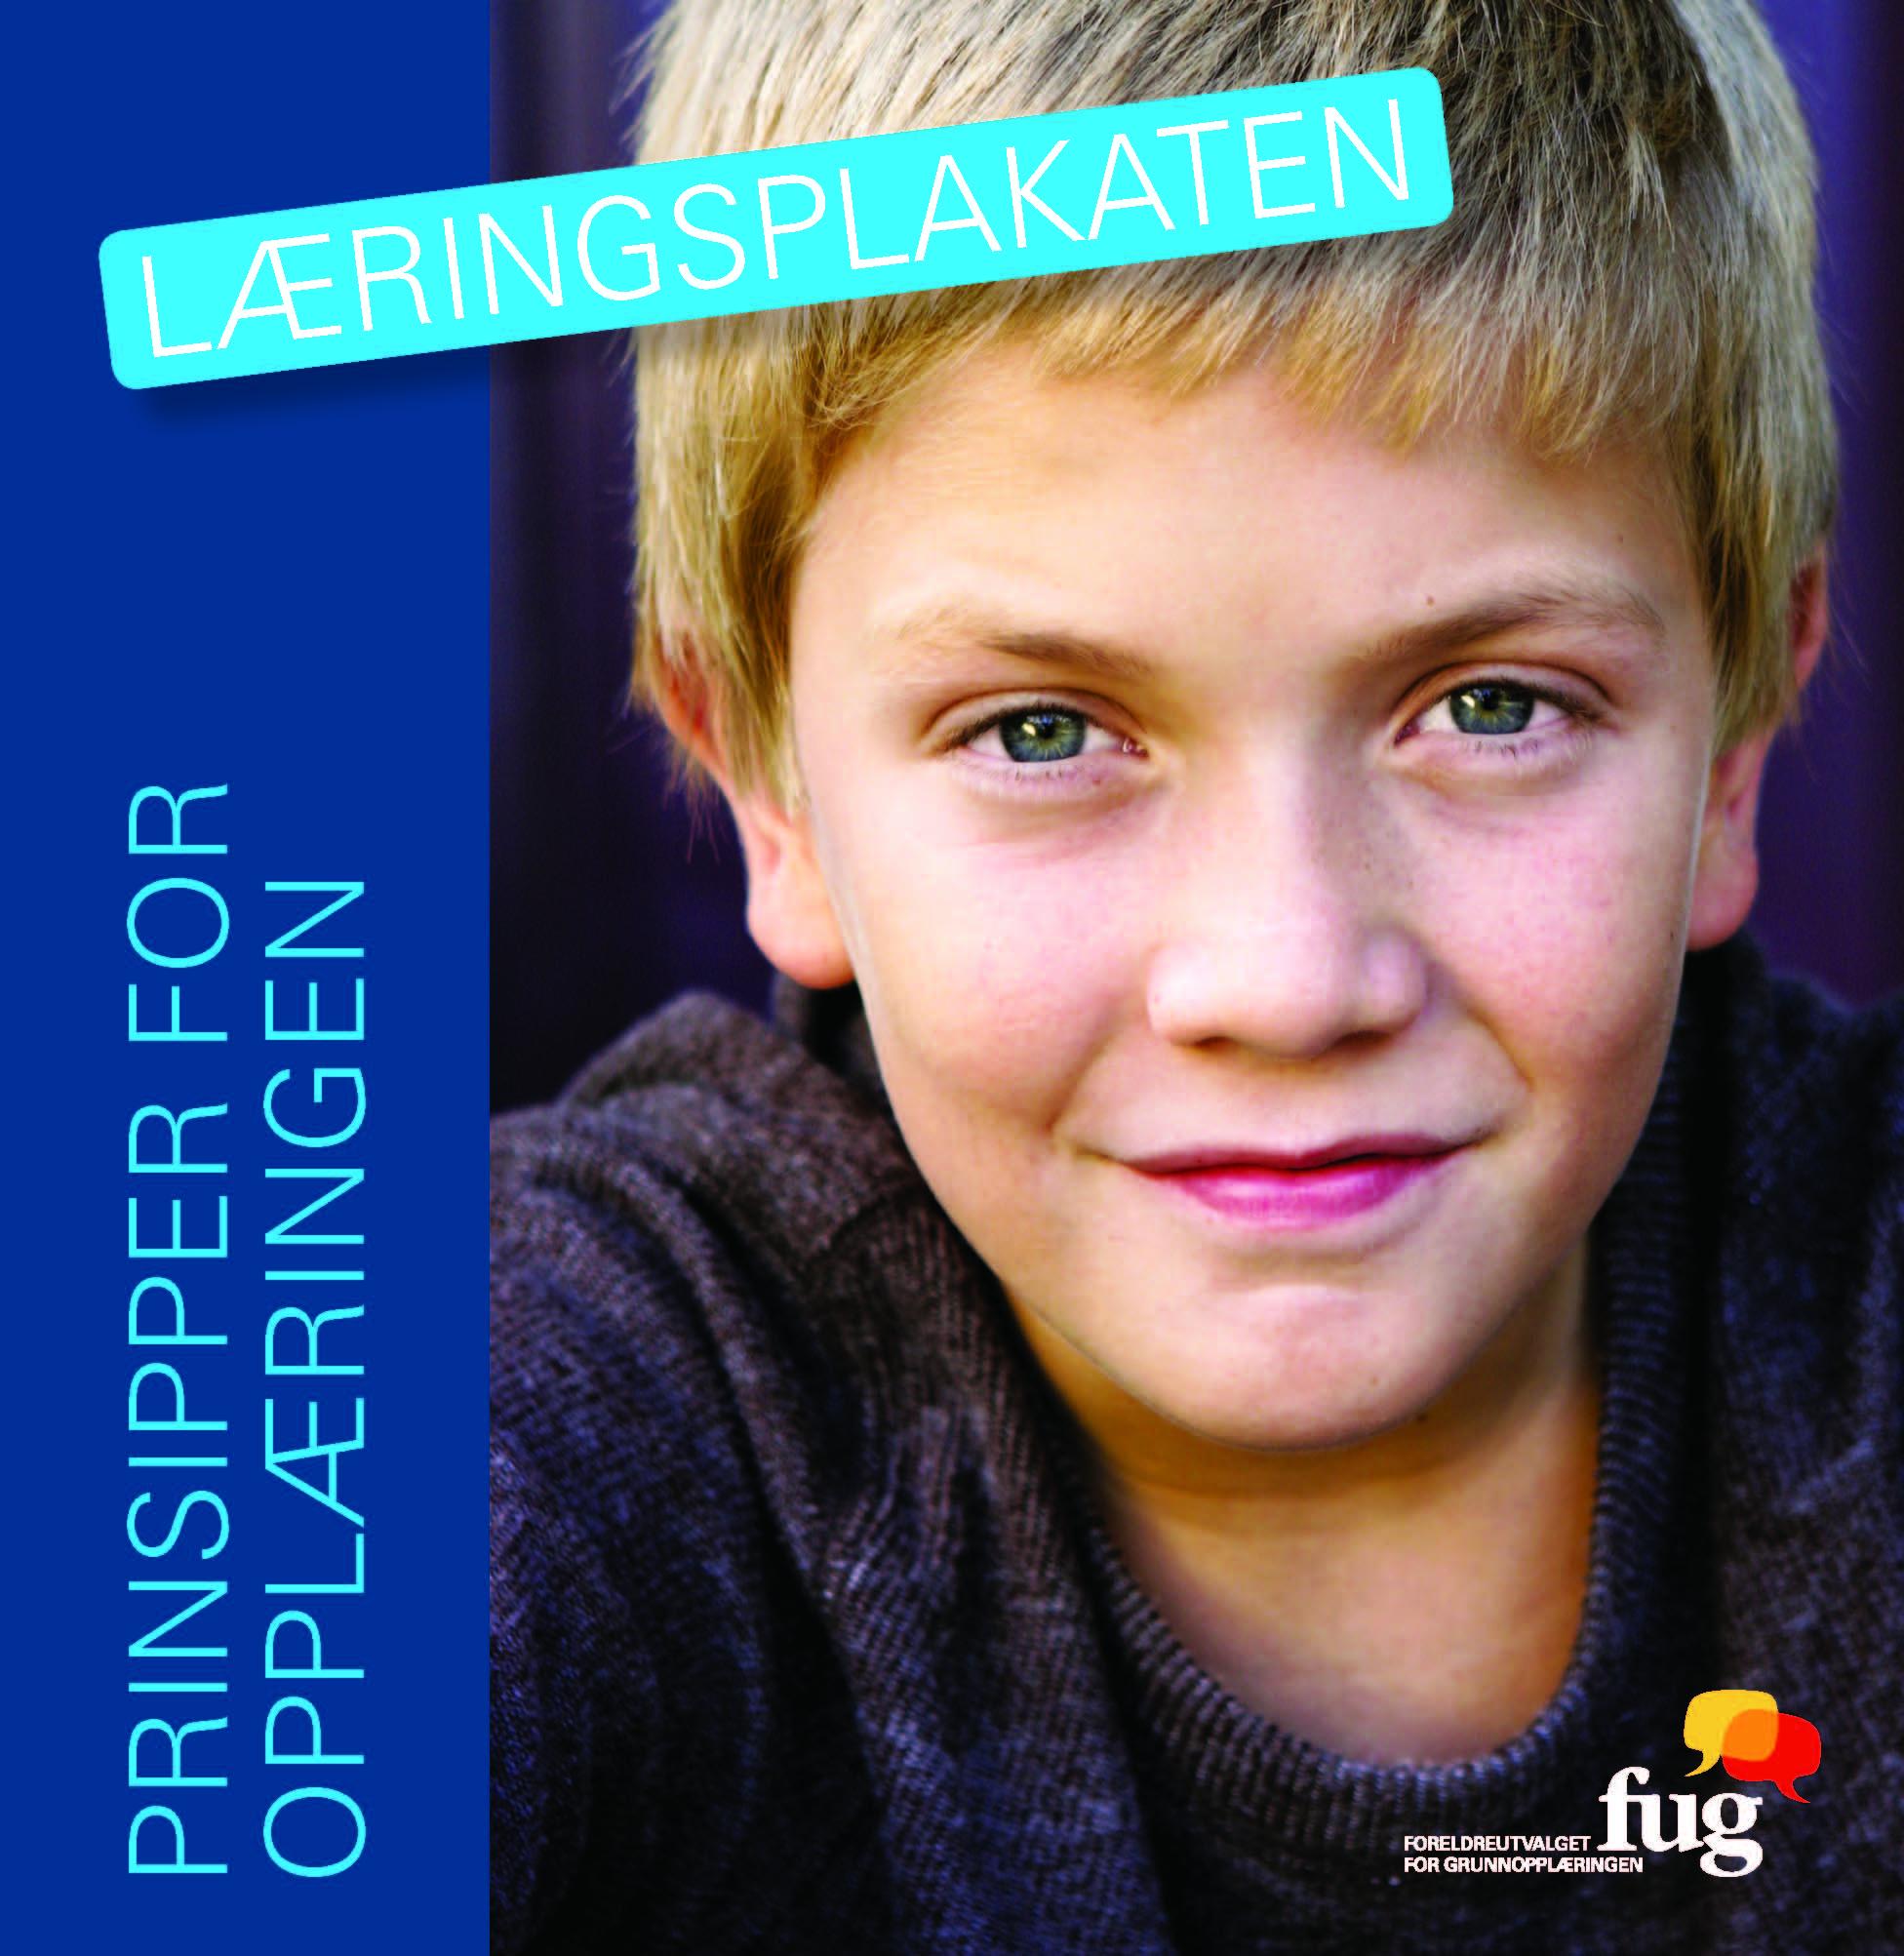 Læringsplakaten, Prinsipper for opplæringen, hefte_bokmål (1. utgave 2012) thumb.jpg